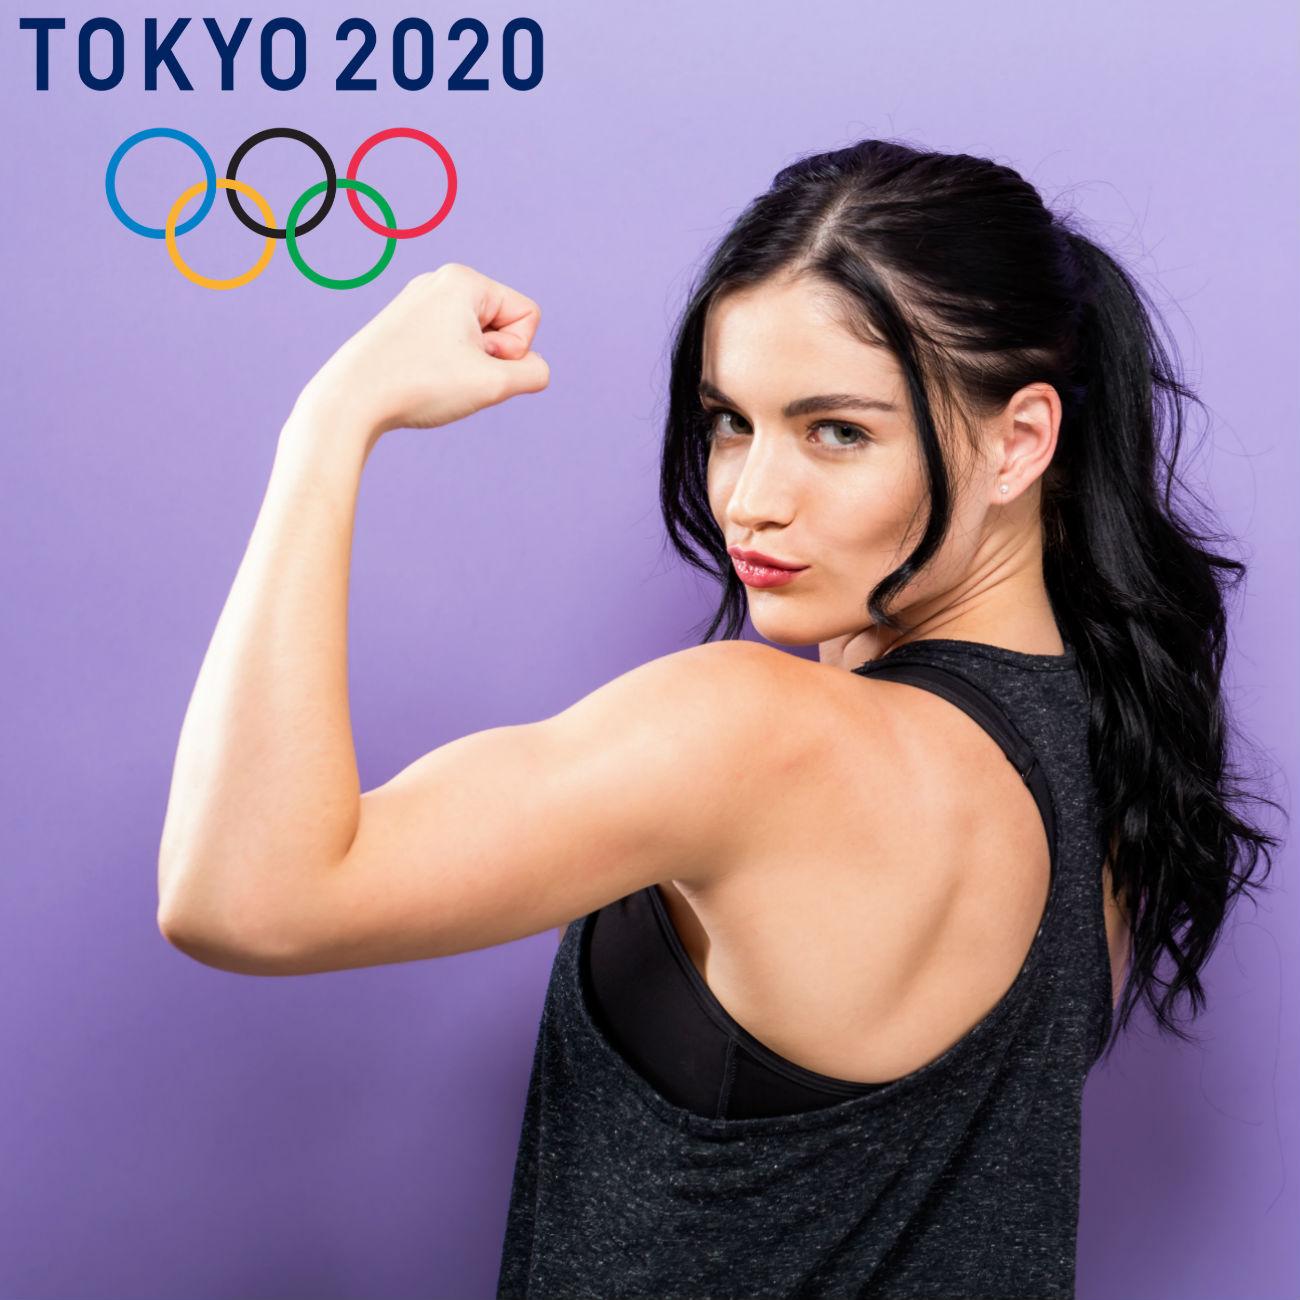 uscoli. In alto a sx la scritta Tokyo 2020 e i simboli olimpici